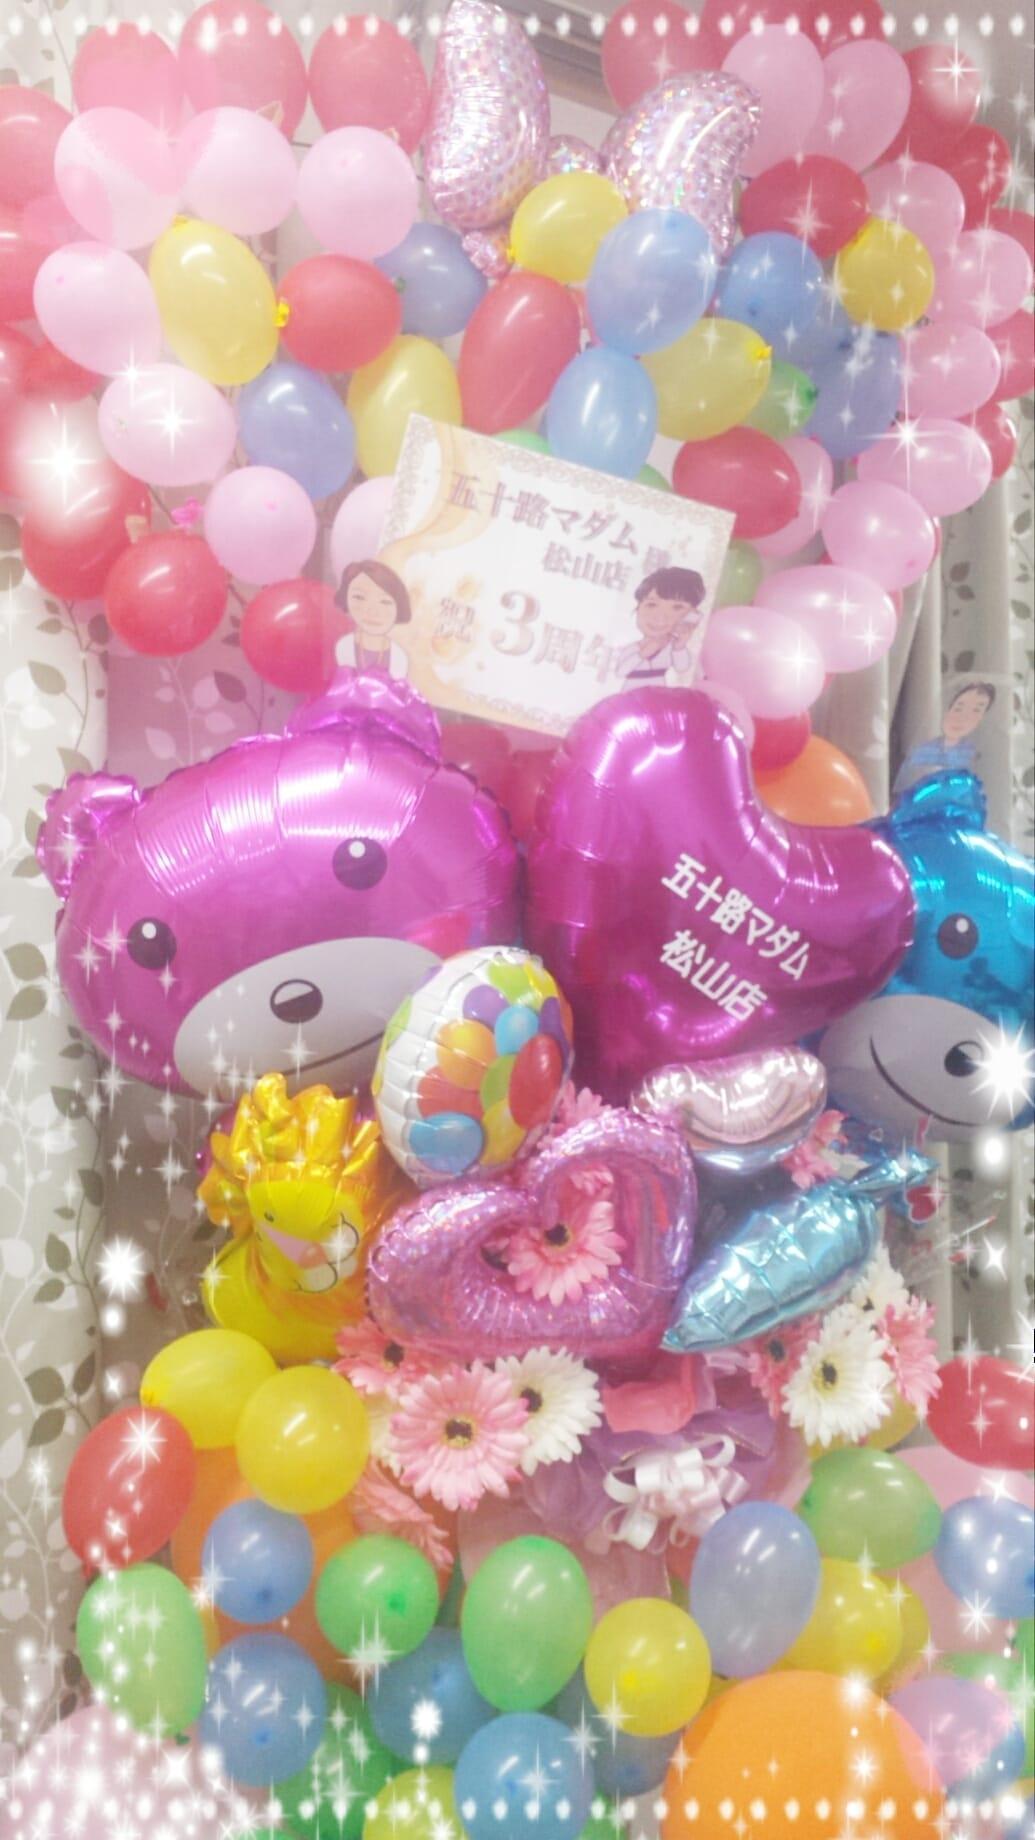 石田美希「おめでとうございます♪♪」04/25(水) 10:26 | 石田美希の写メ・風俗動画